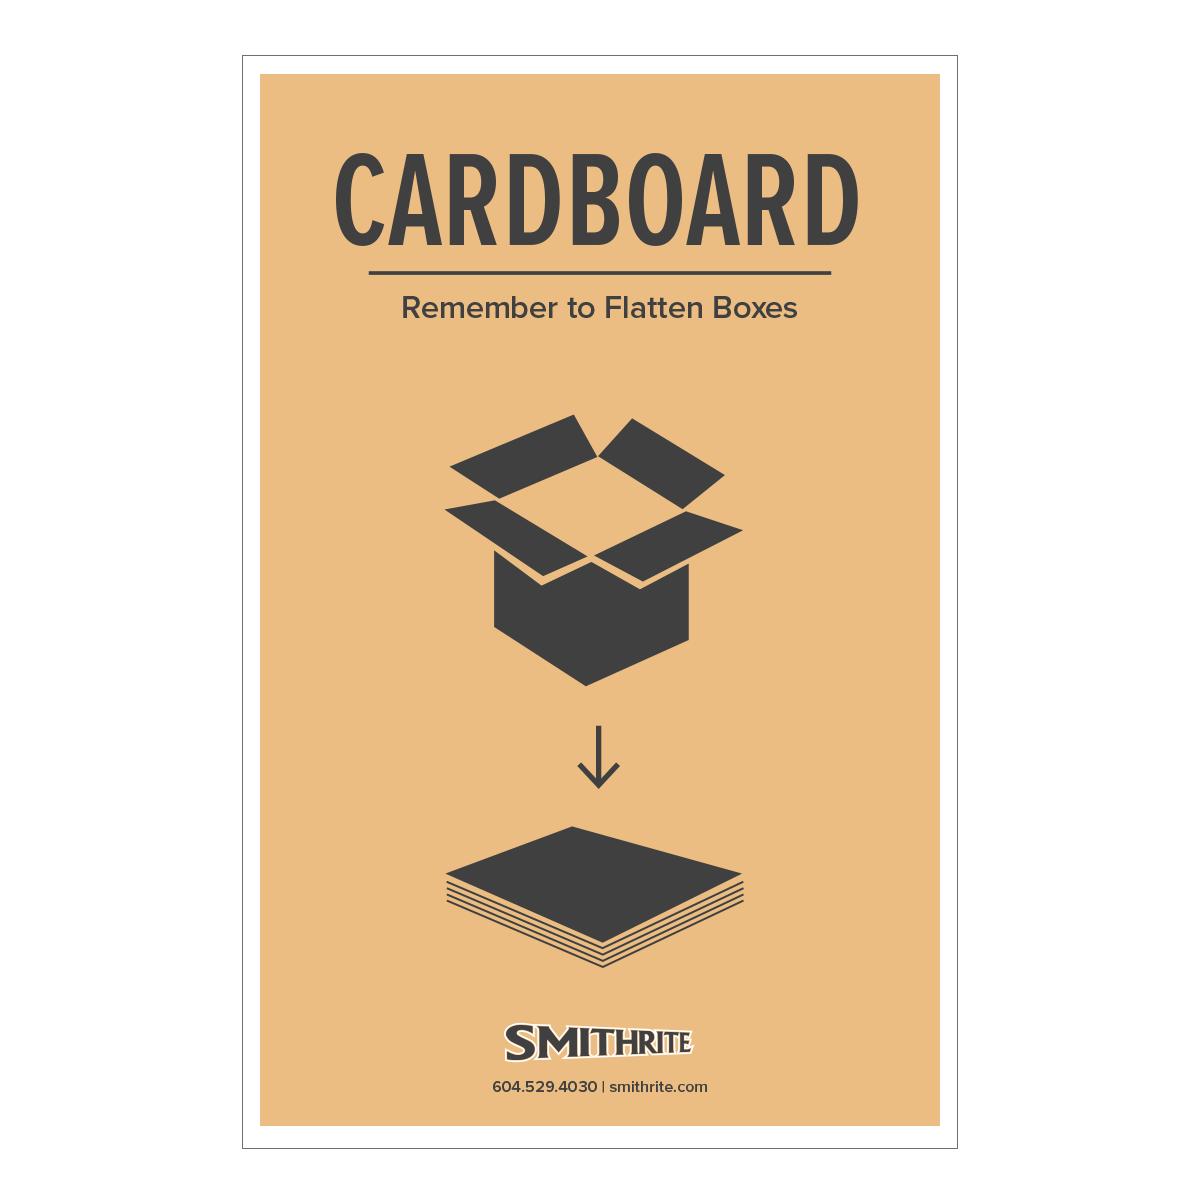 cardboard_sign.png